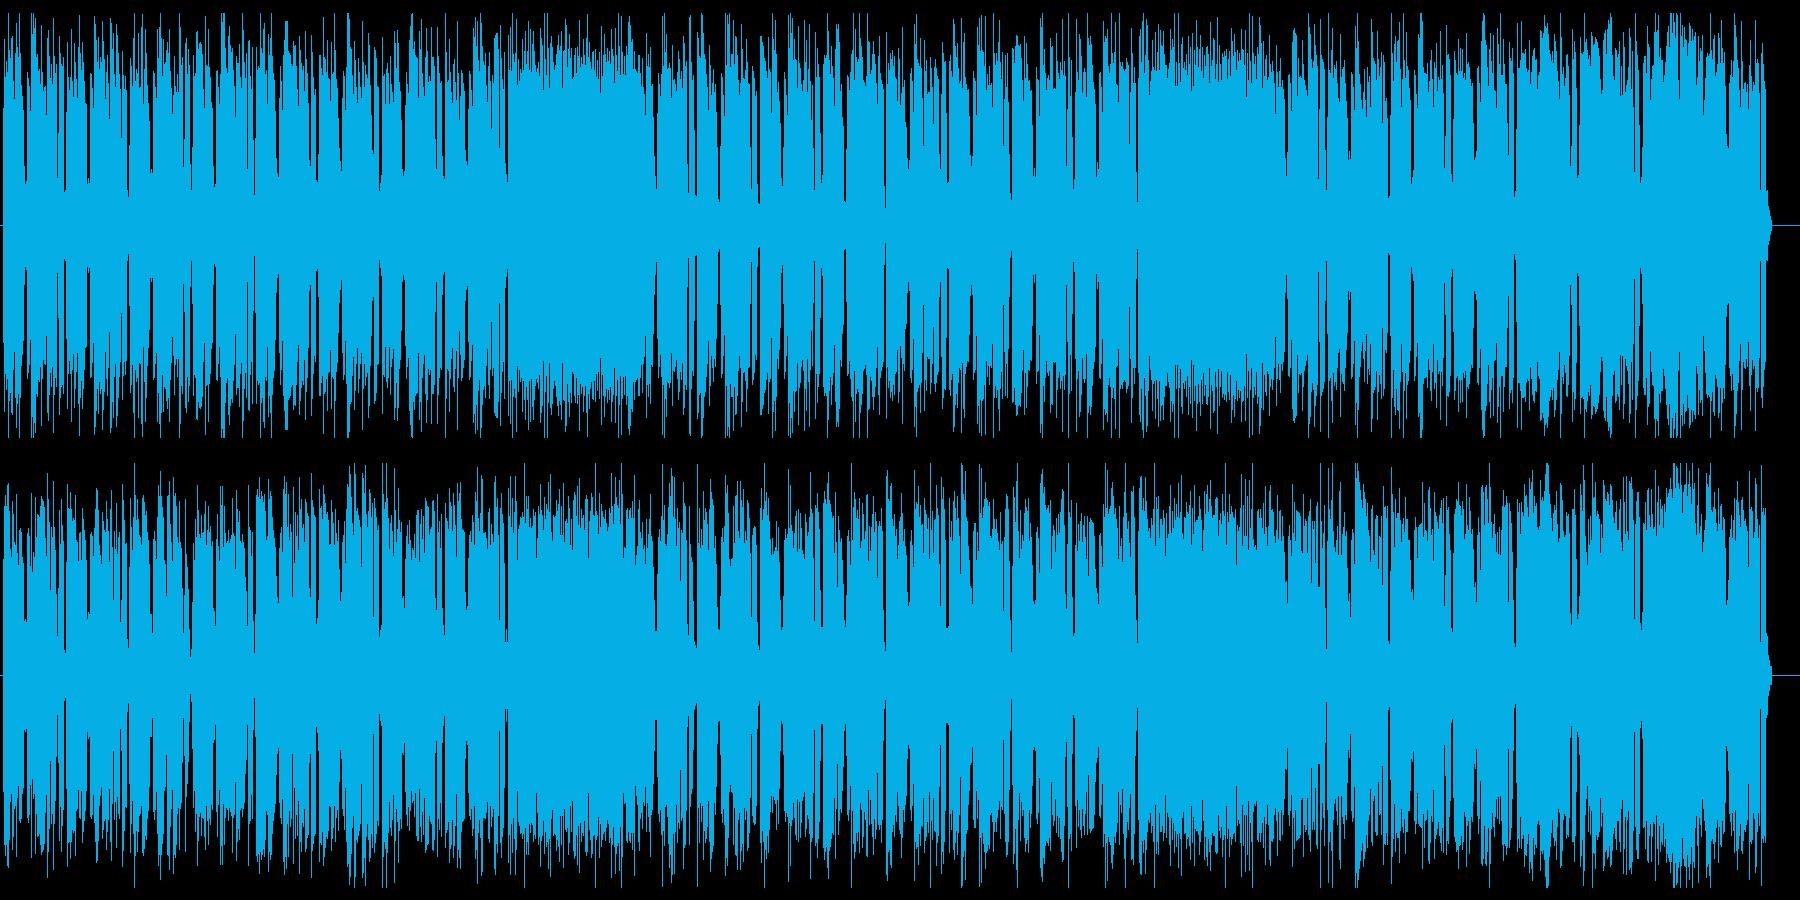 ダークでクールなテクノビートサウンドの再生済みの波形